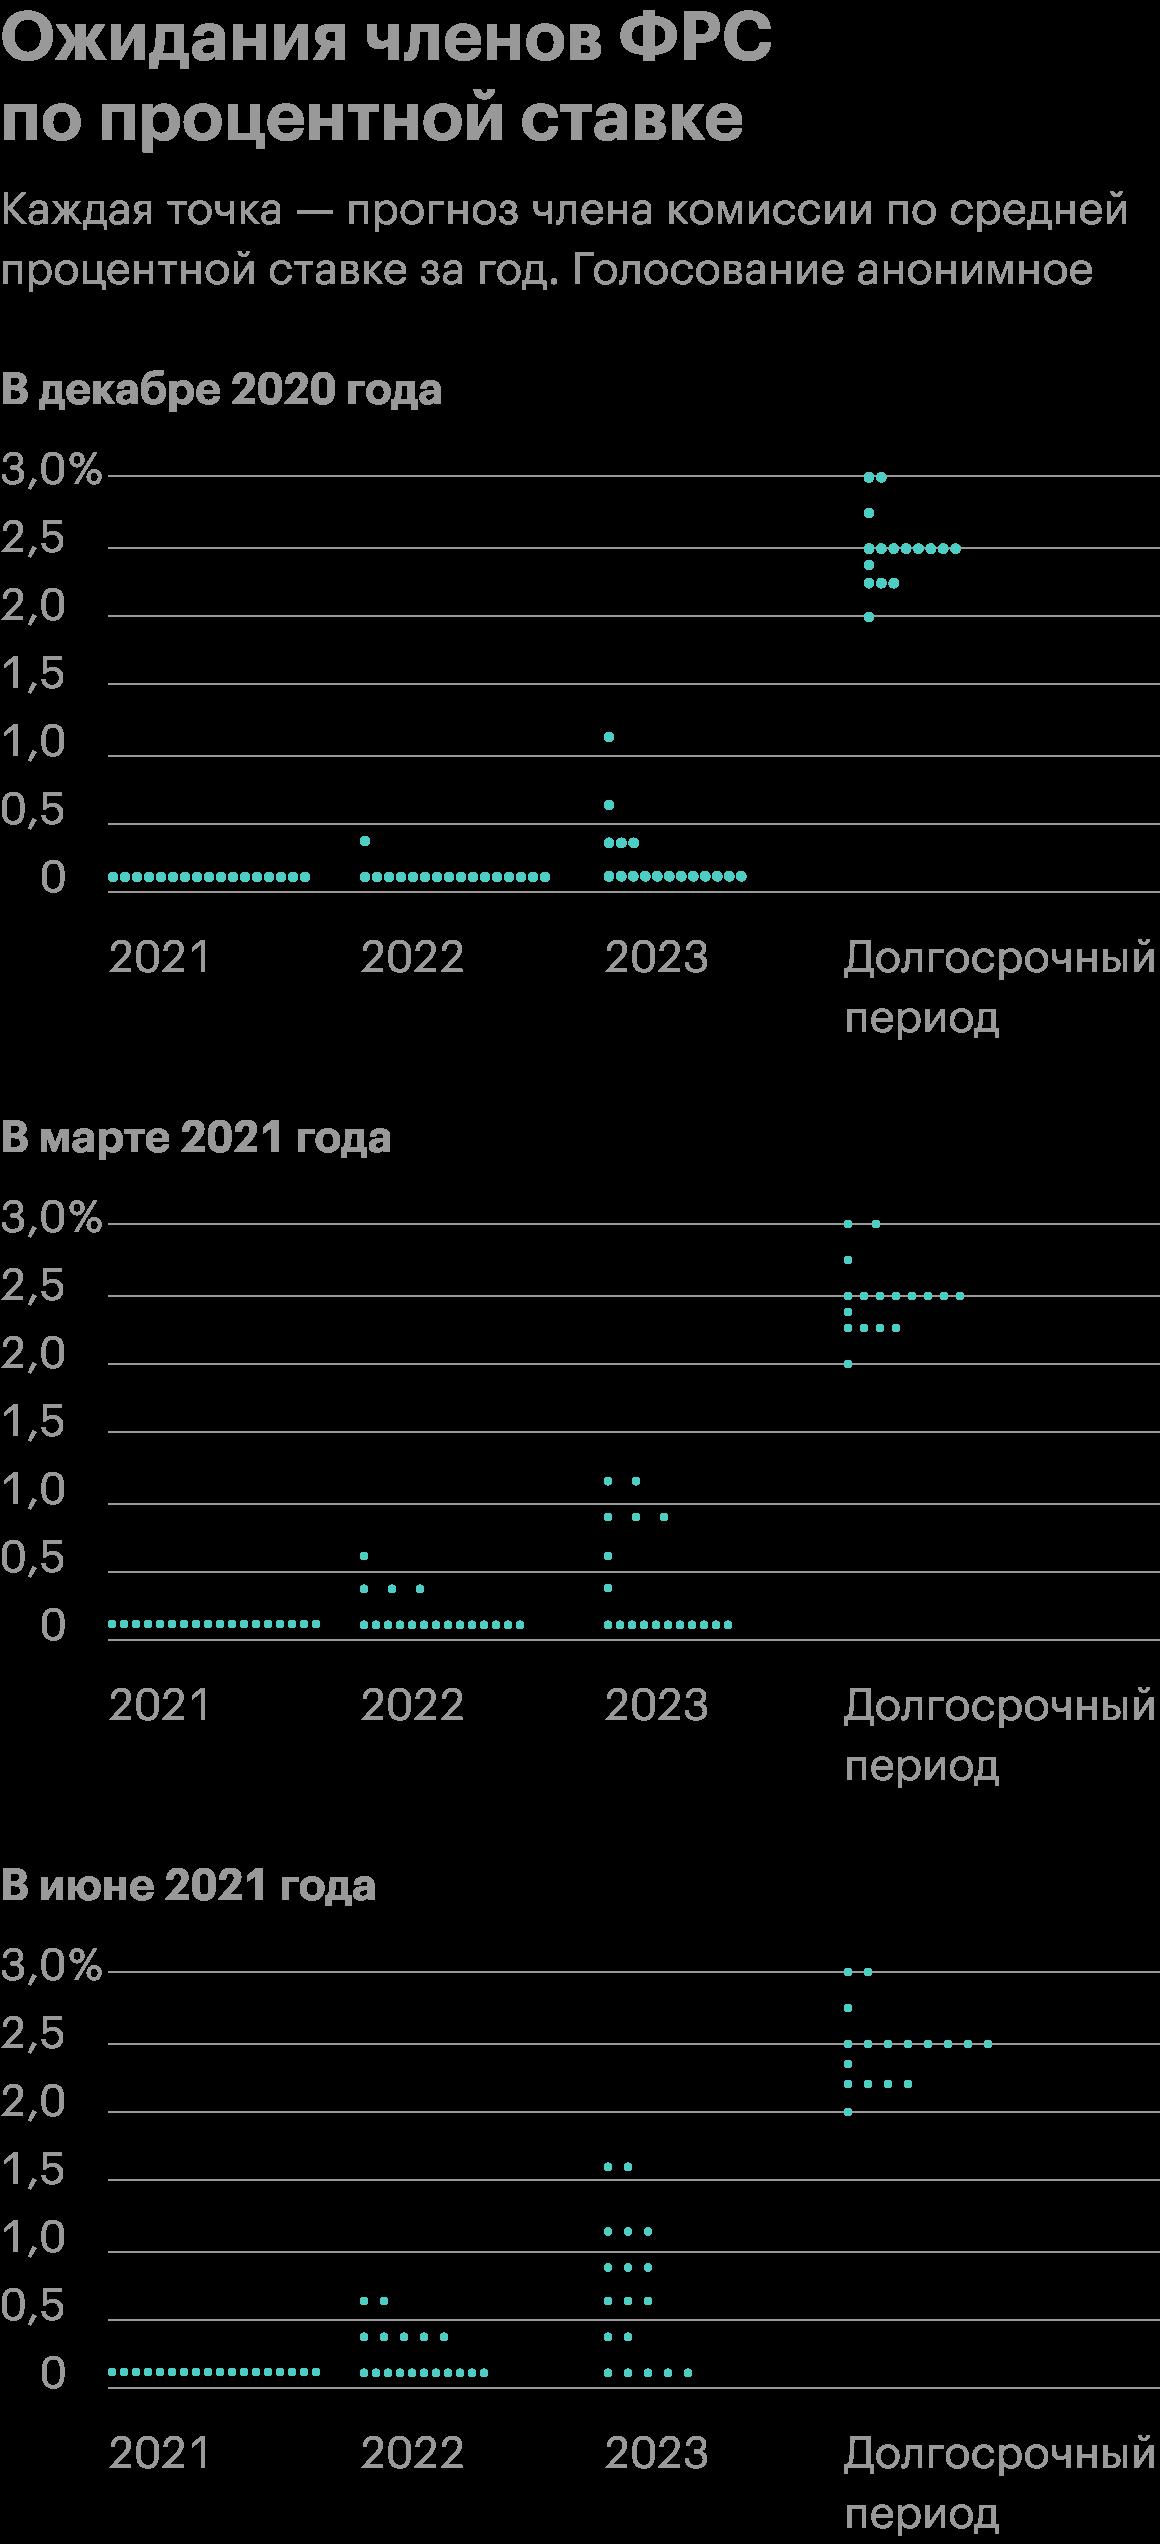 Источник: отчеты ФРС от декабря, марта и июня